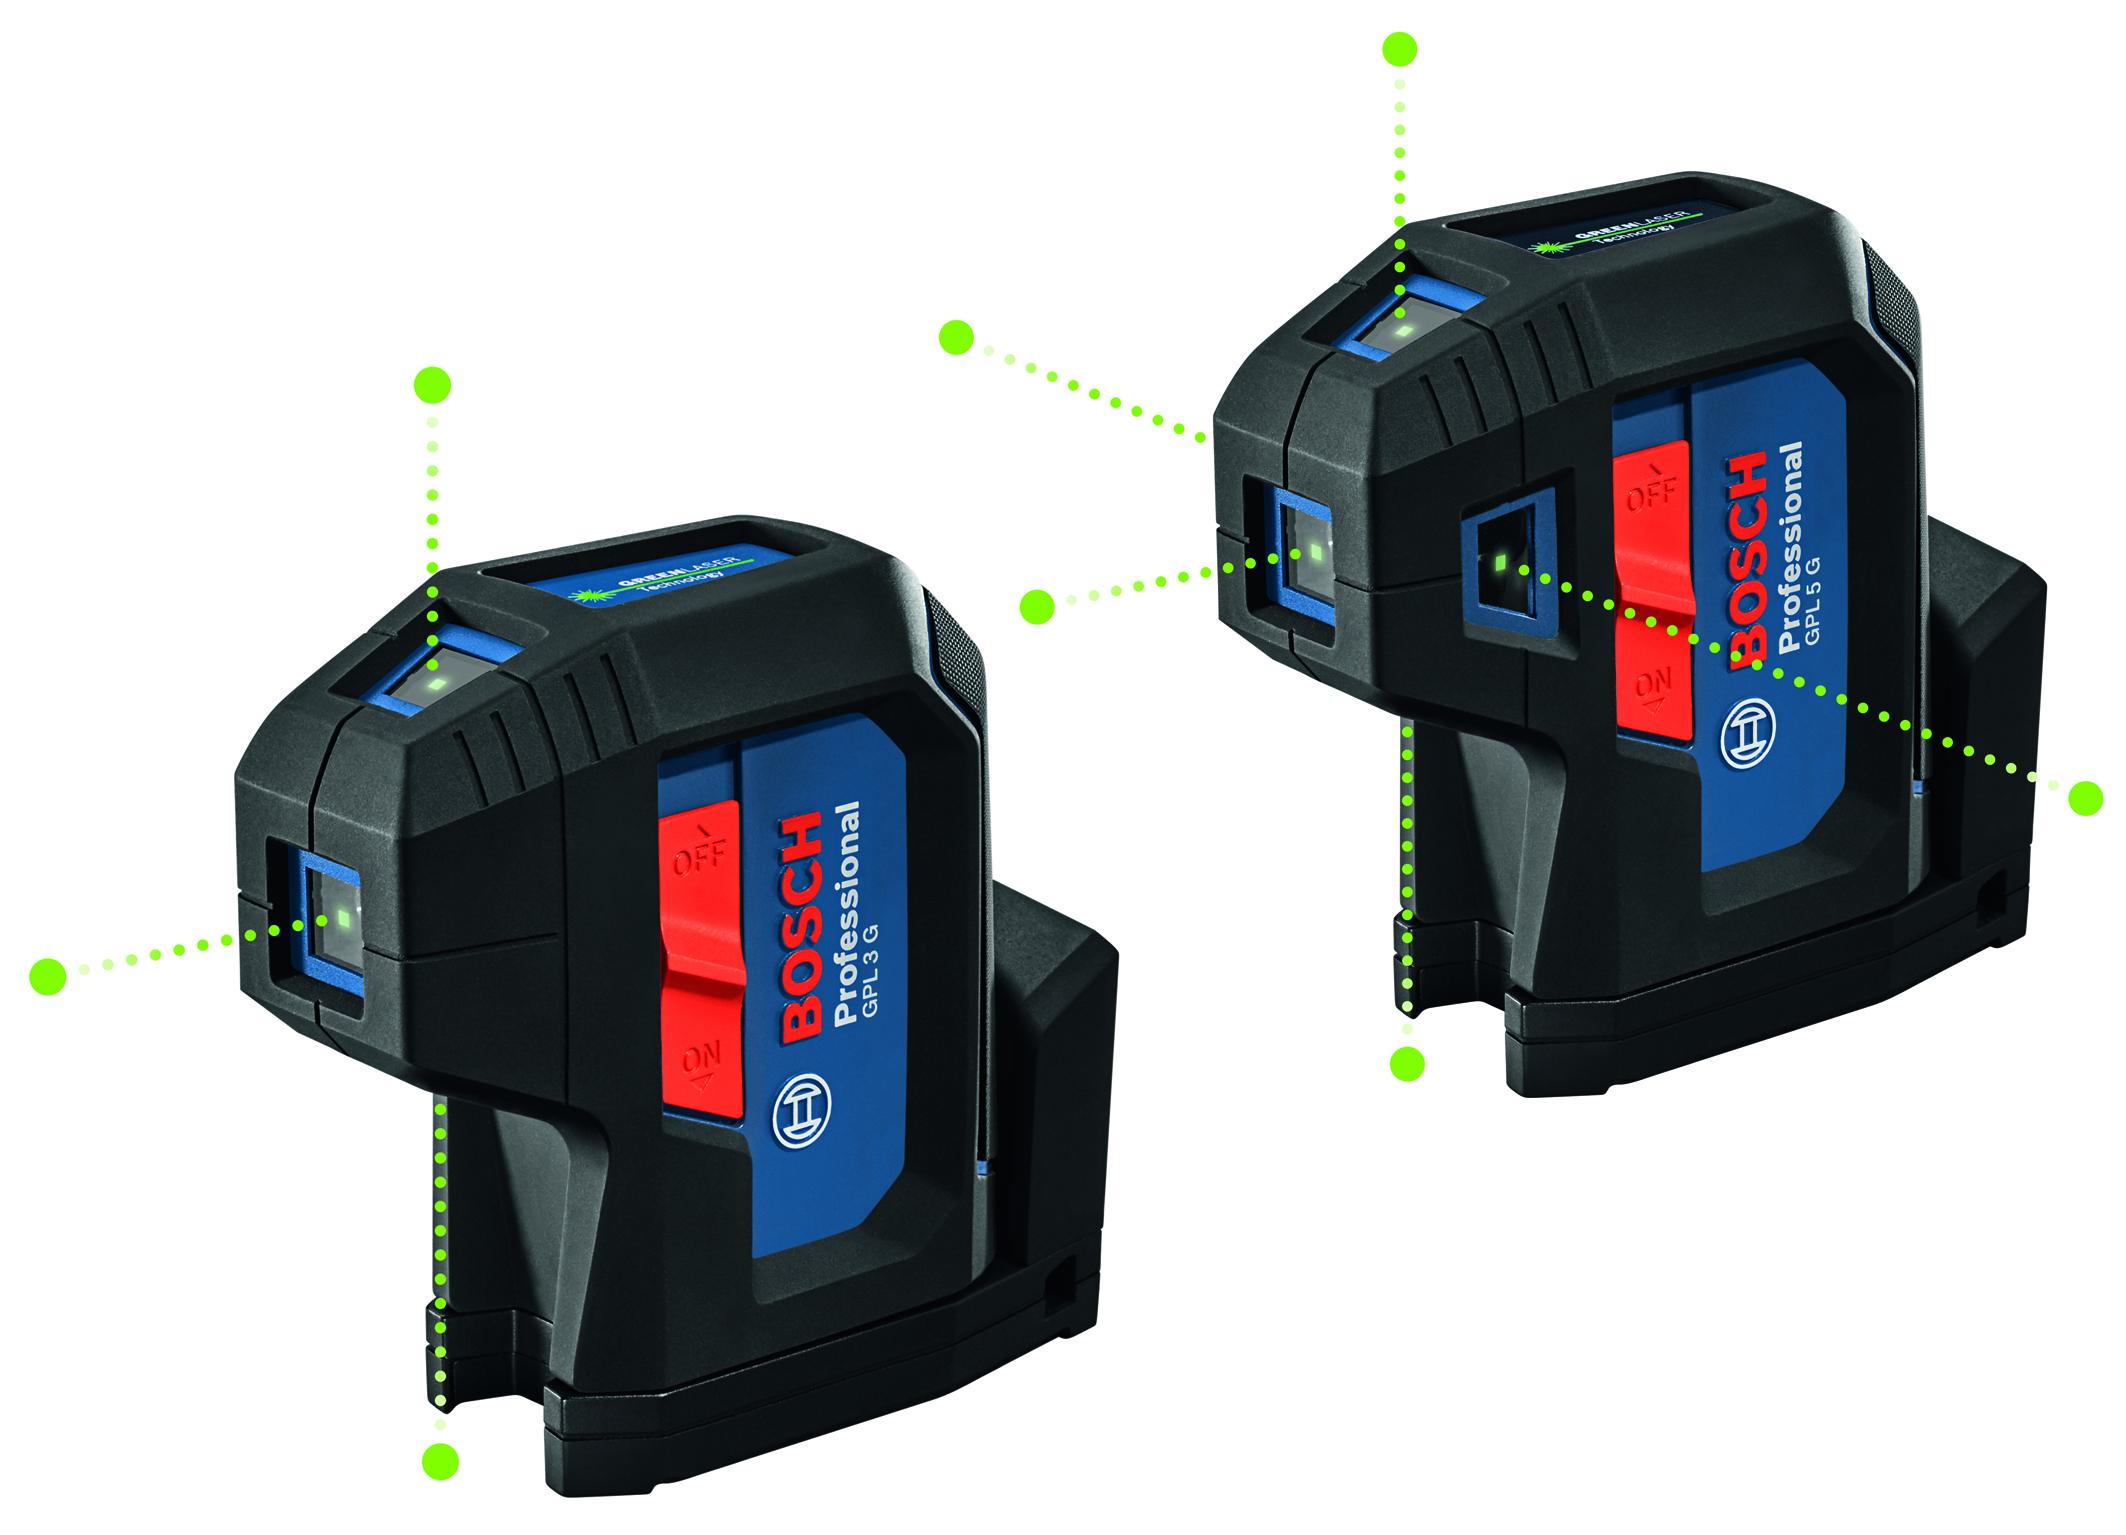 Robustnejšie než kedykoľvek predtým pre použitie na stavbe: Nová generácia bodových laserov Bosch pre profesionálov